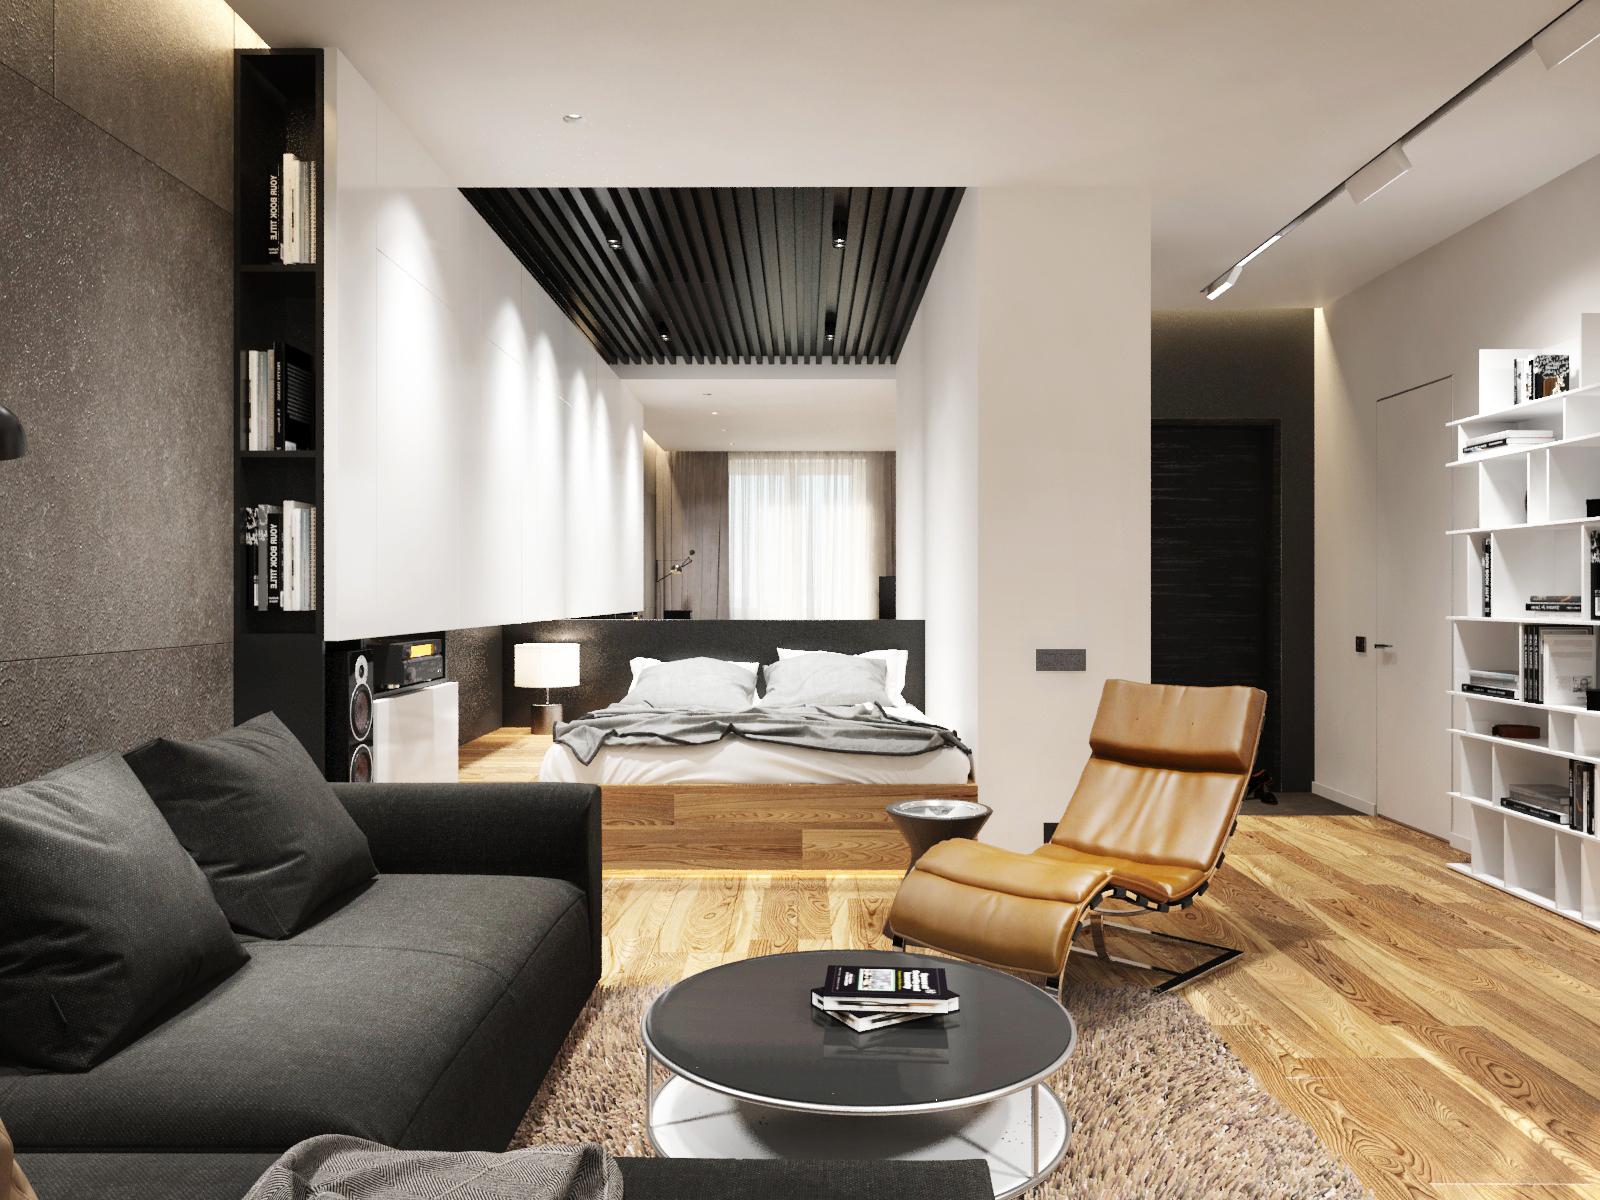 Arredare in stile industriale significa far rivivere in casa le atmosfere delle grandi. Homebliss The Hippest Community For Home Interiors And Design